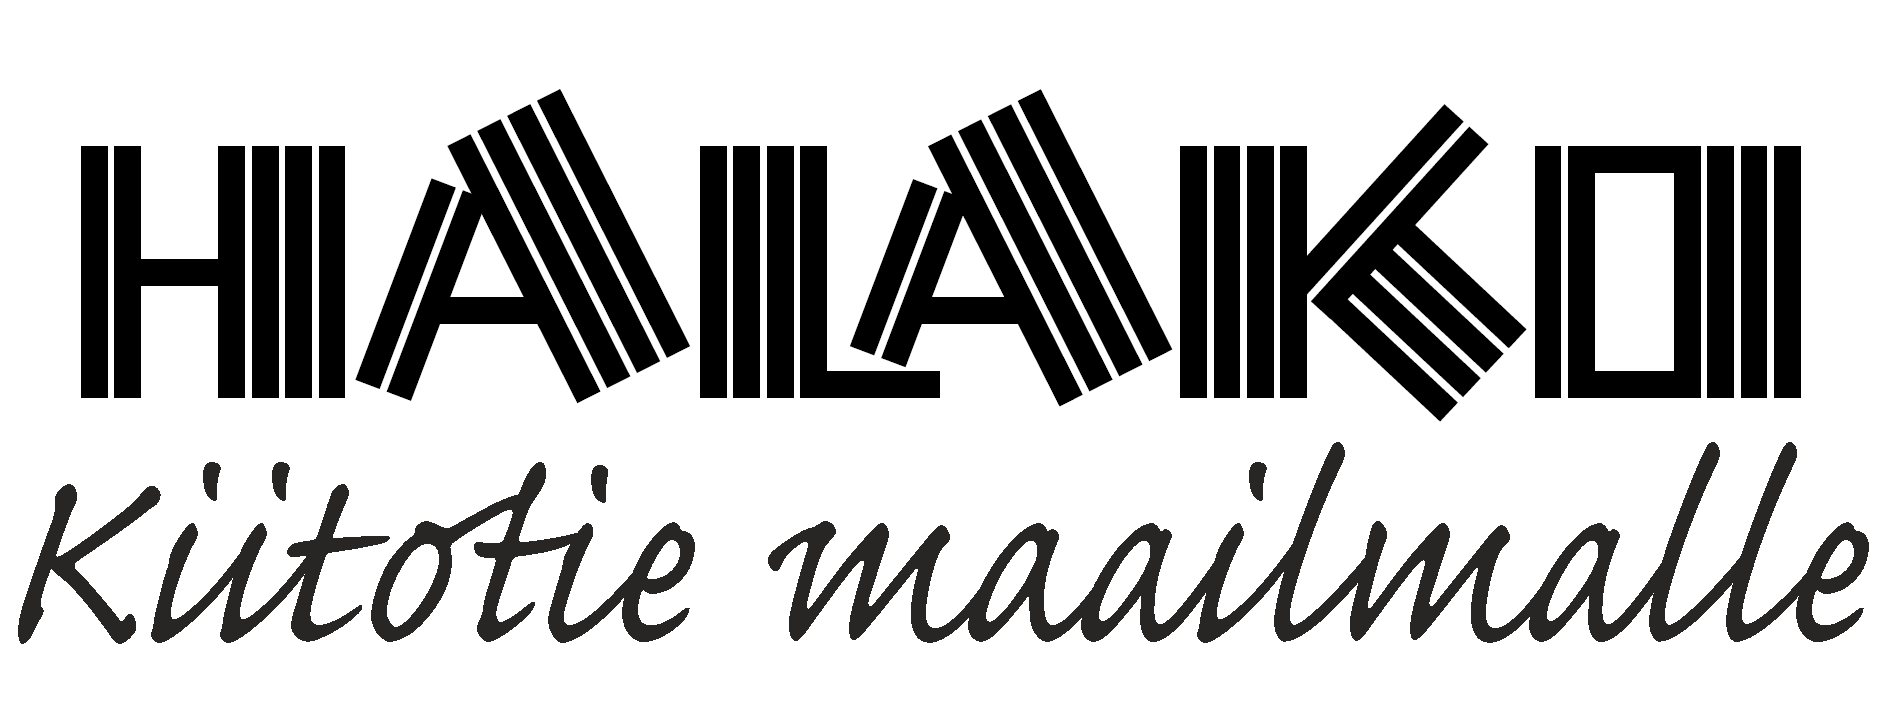 Halako